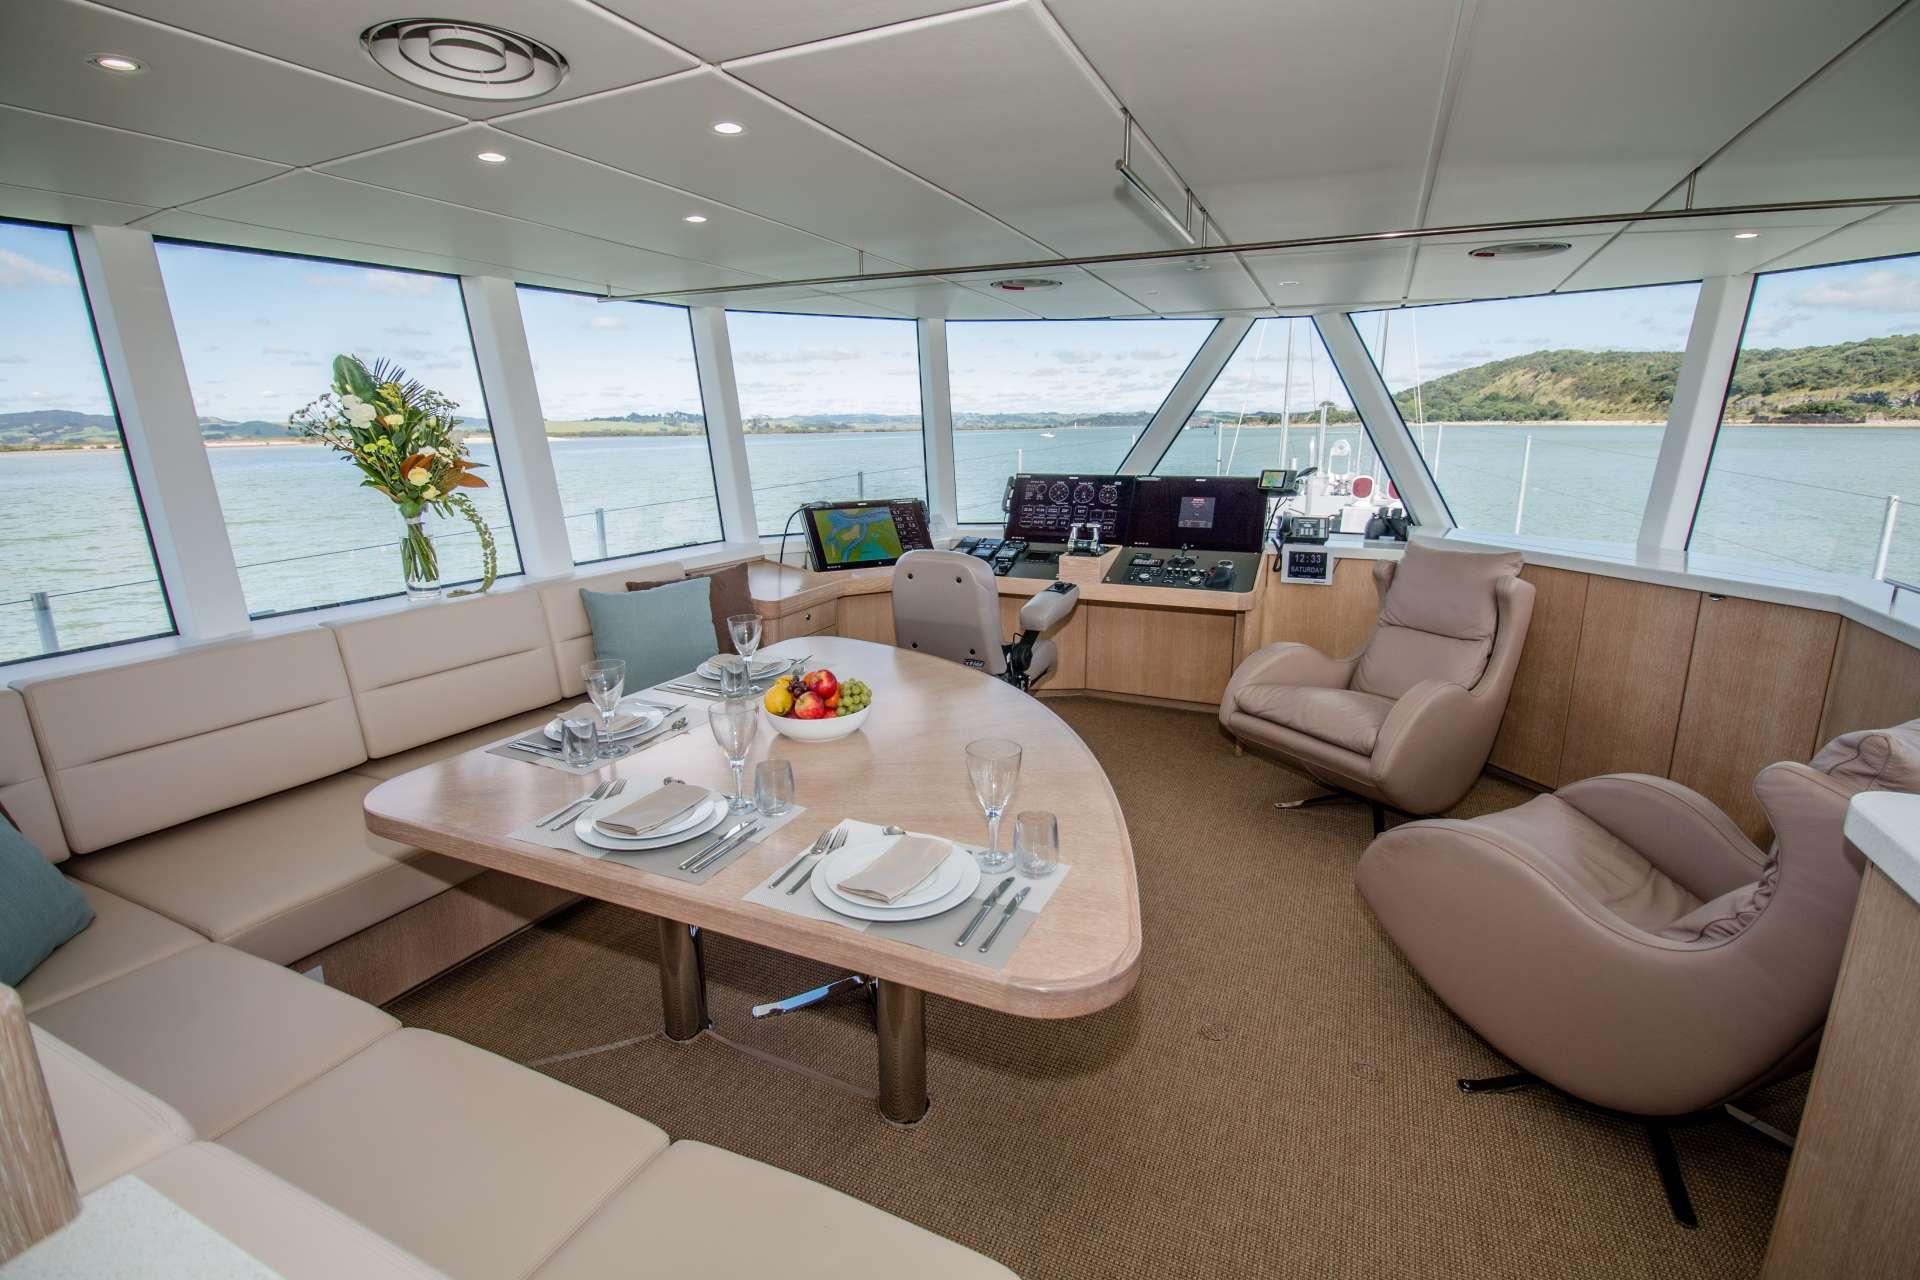 Interiors custom-designed for comfort at sea